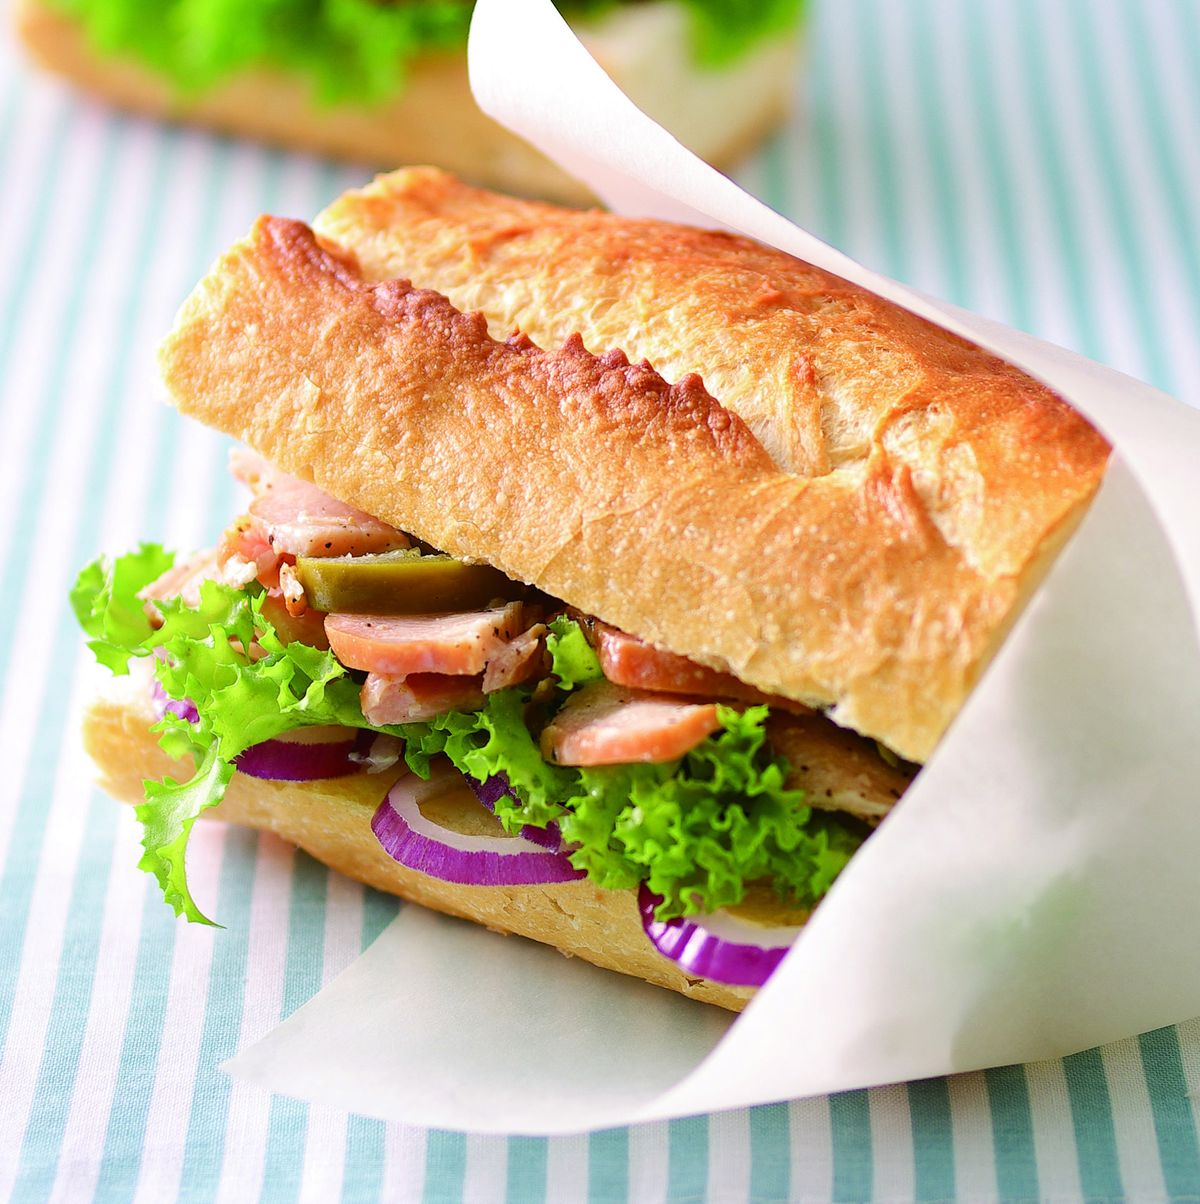 【潜艇】熏鸡肥肠堡:.tw吃了小时一个食谱就开始吐了图片